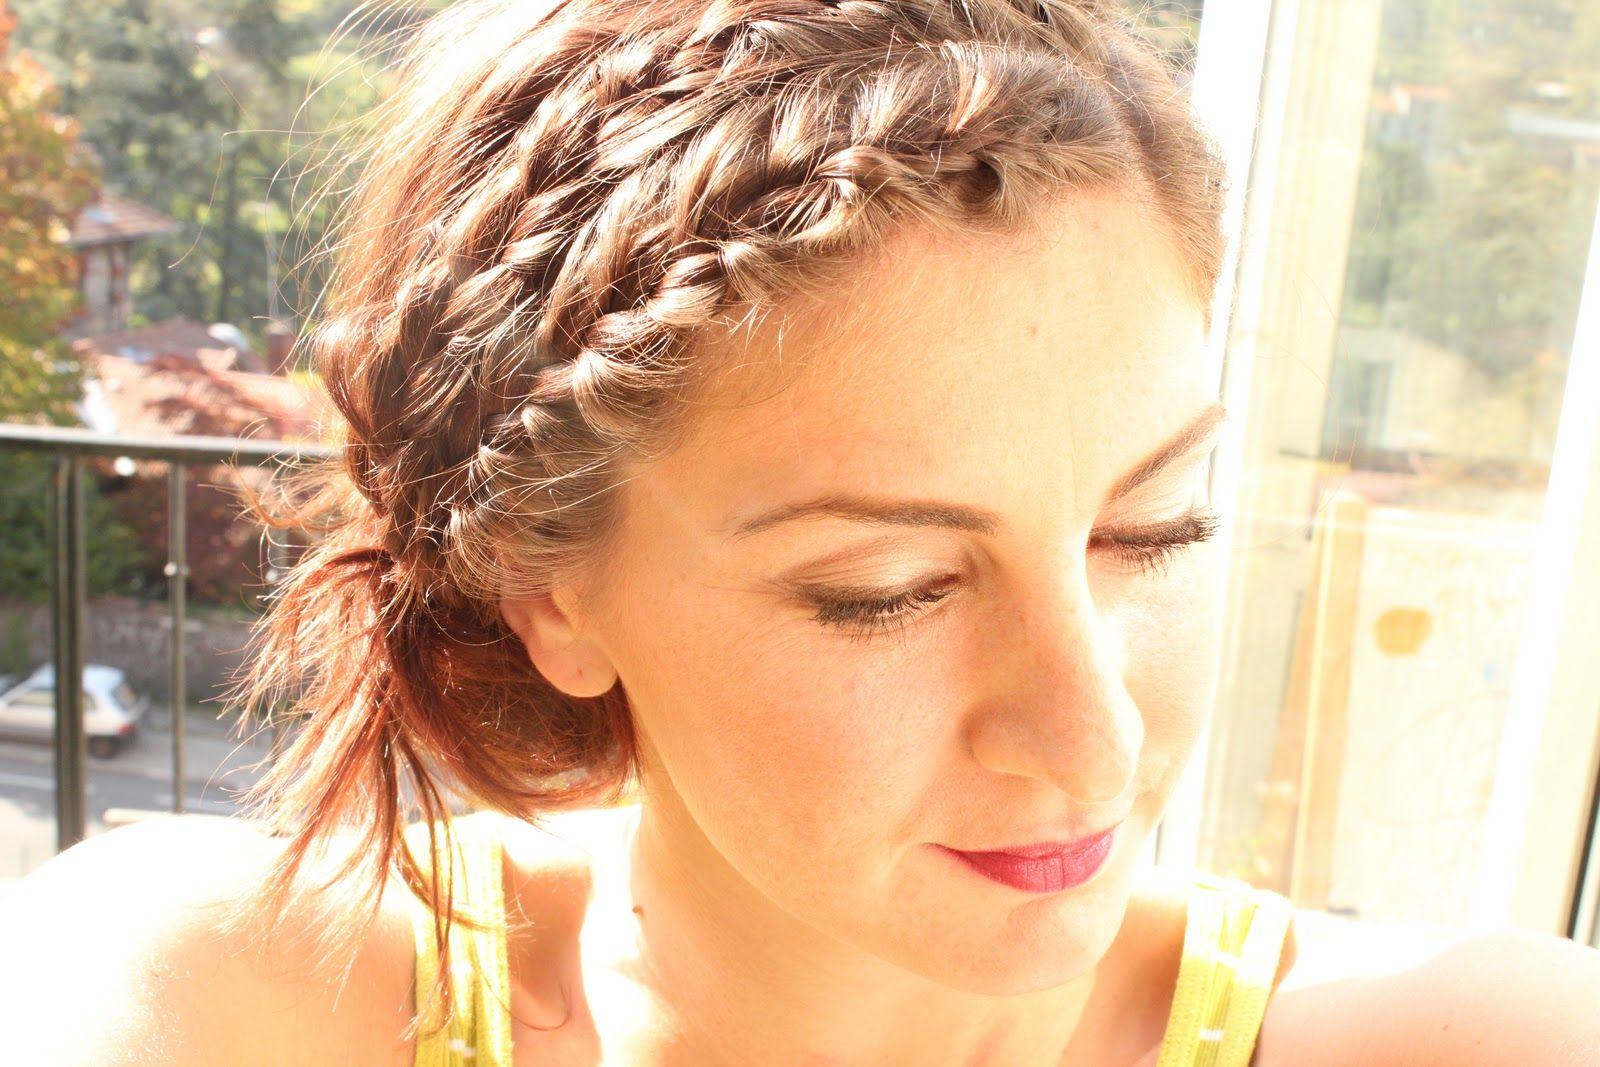 Rachel mcadams double braided headband pinterest hair style